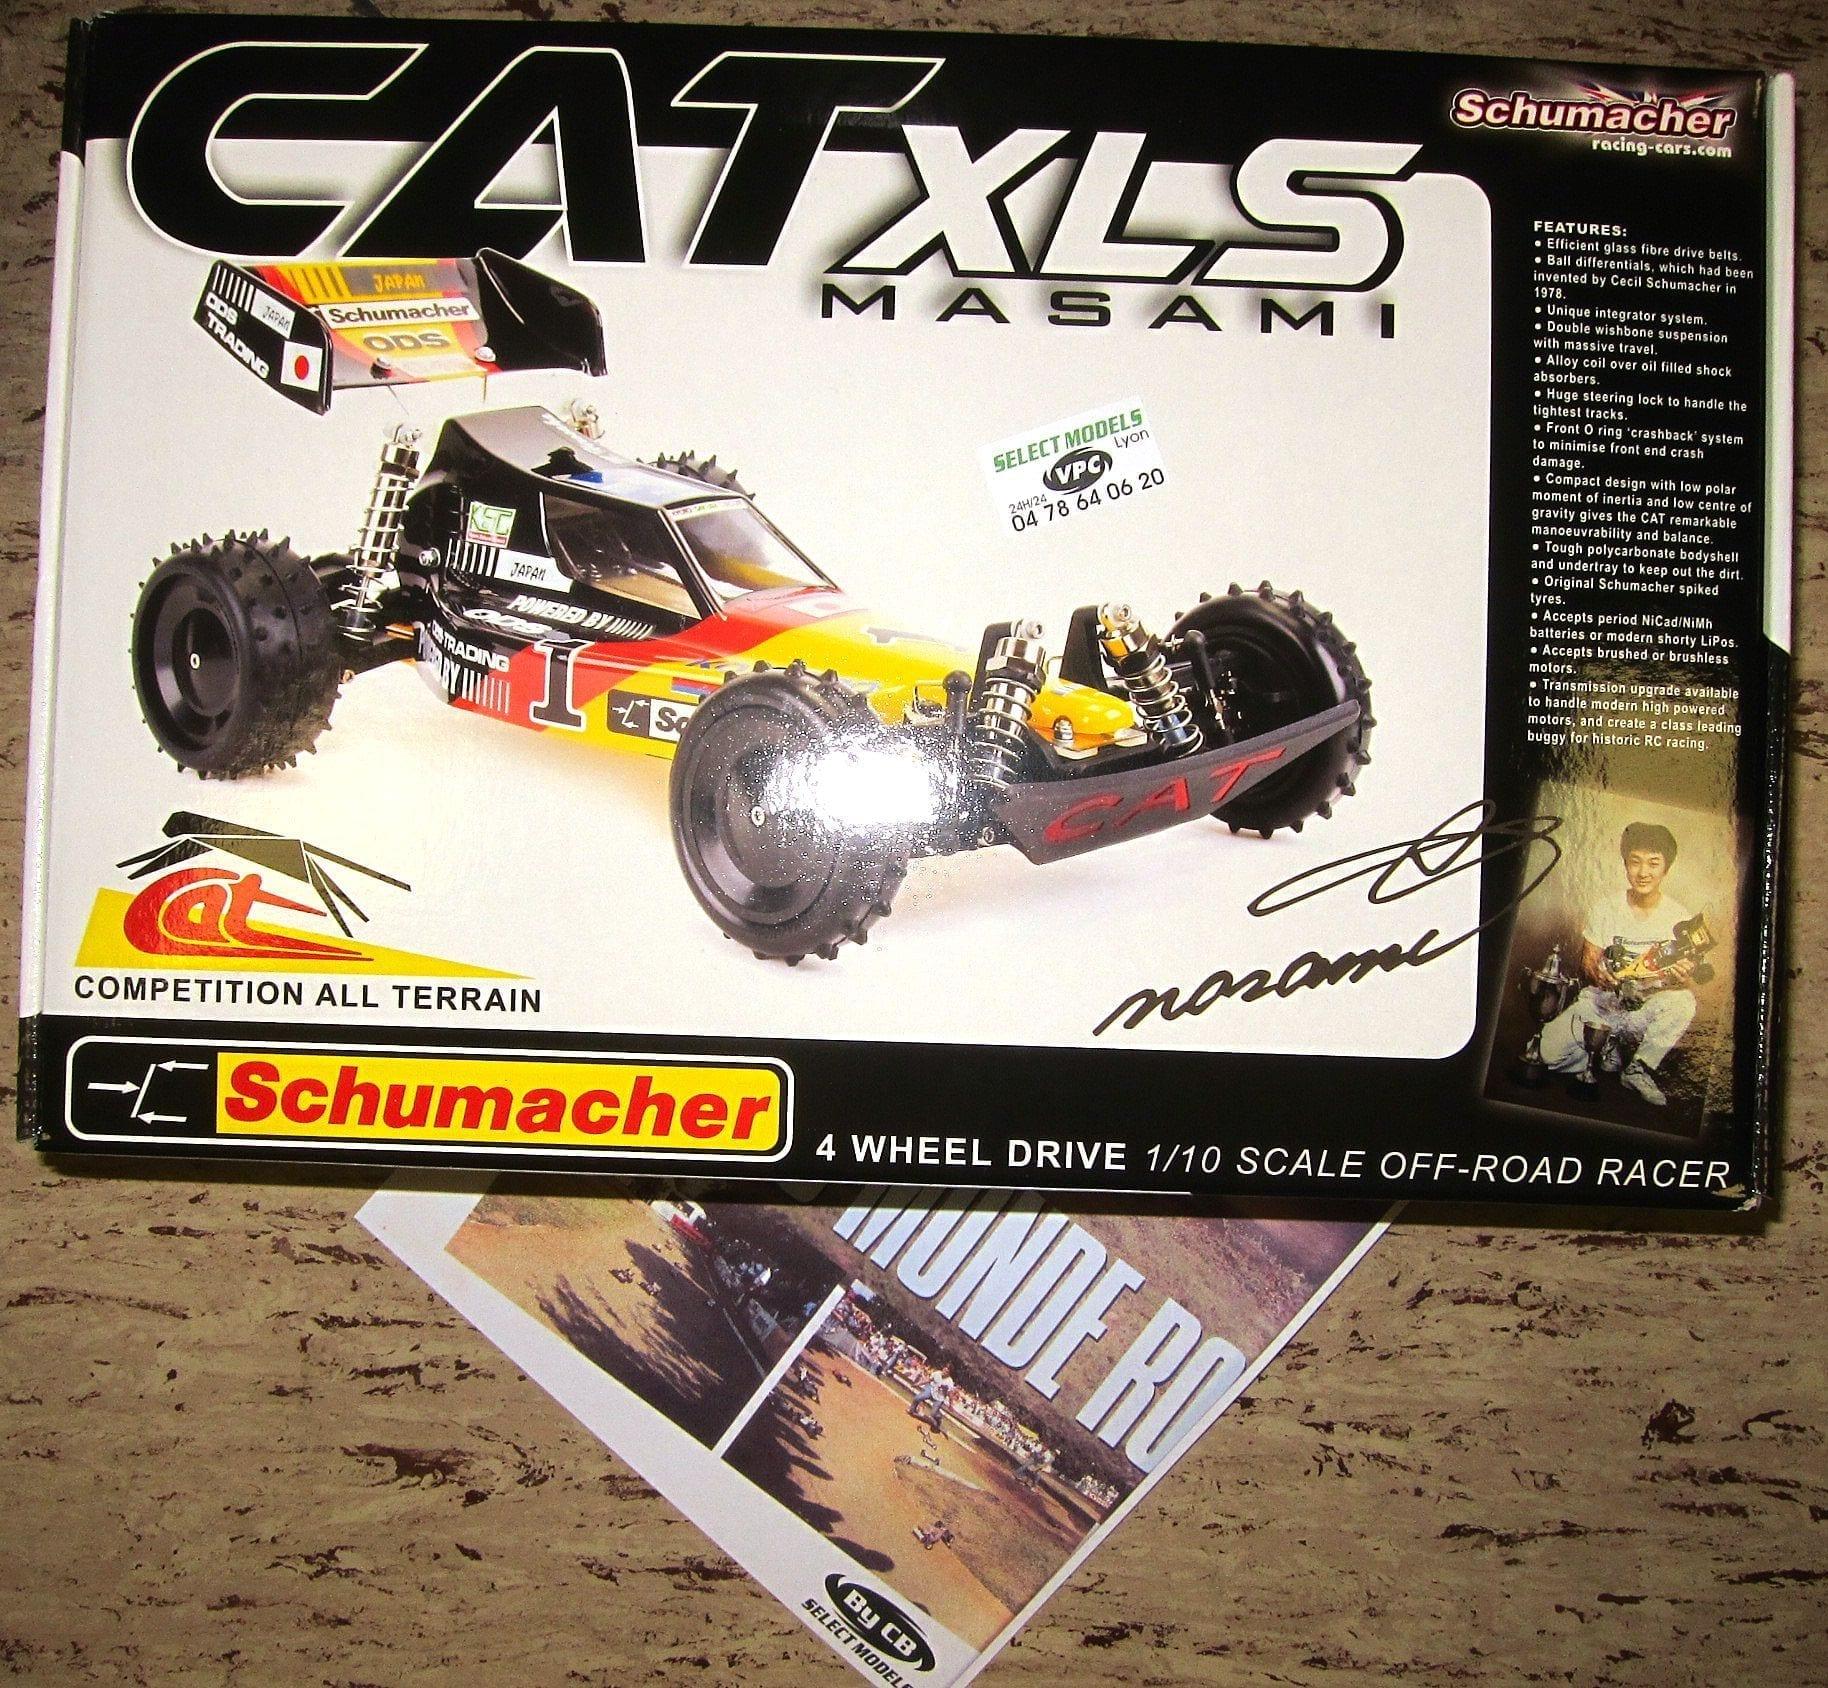 CAT XLS Masami